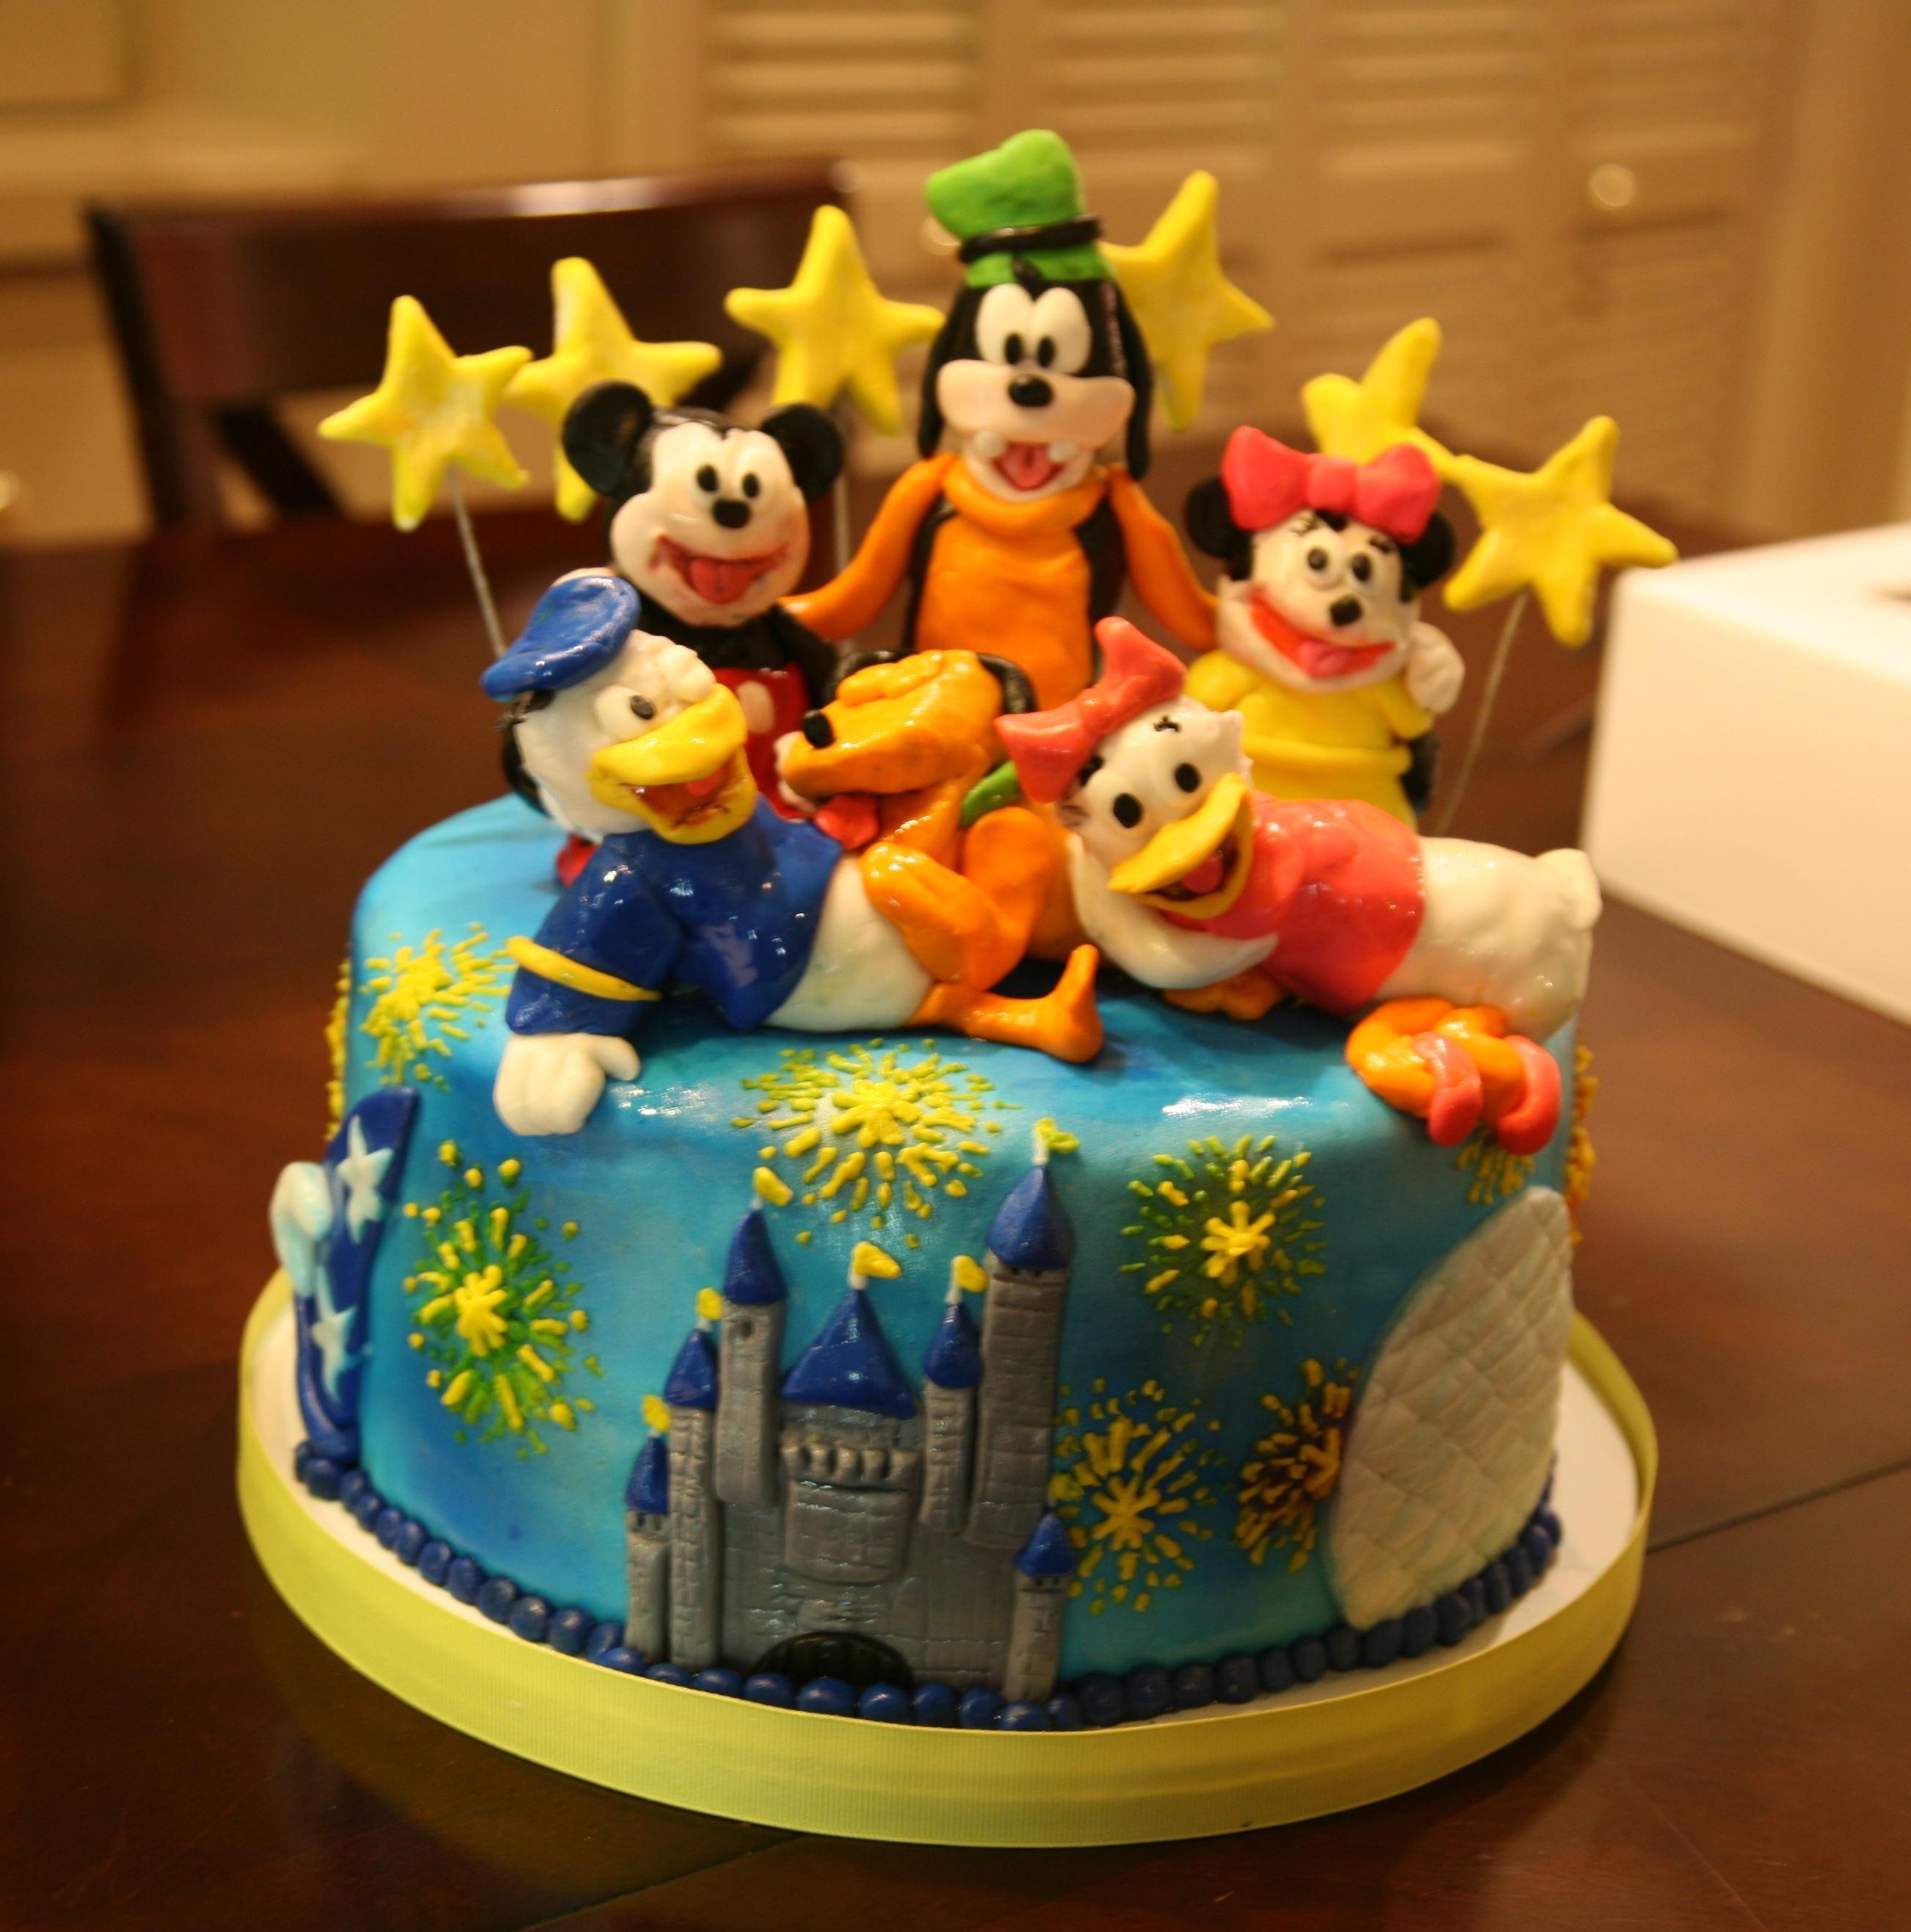 Disney World birthday cake Disney birthday cakes, Disney